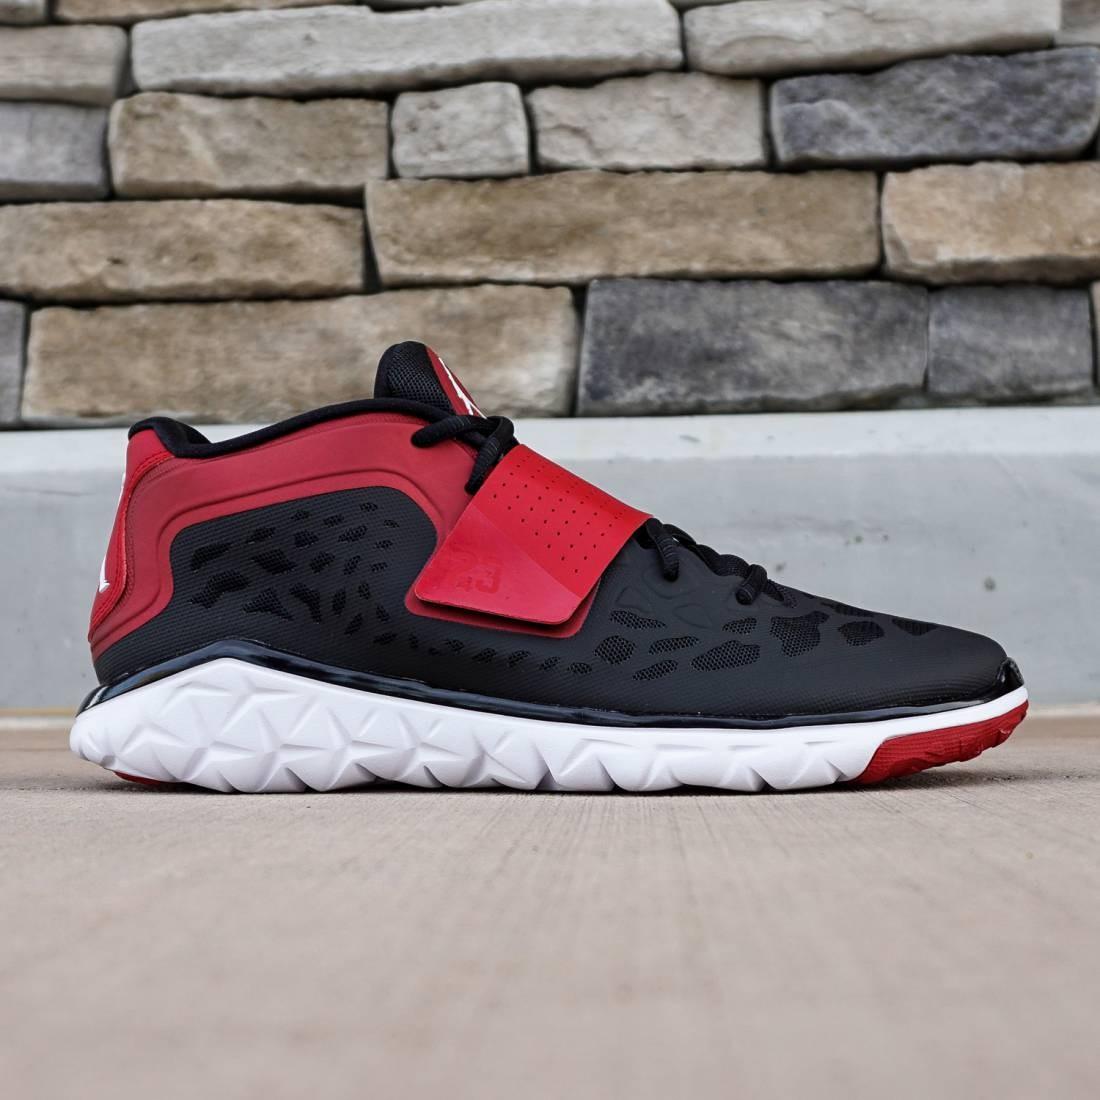 timeless design 5ed98 6e51c Jordan Men Flight Flex Trainer 2 (black / white / gym red)